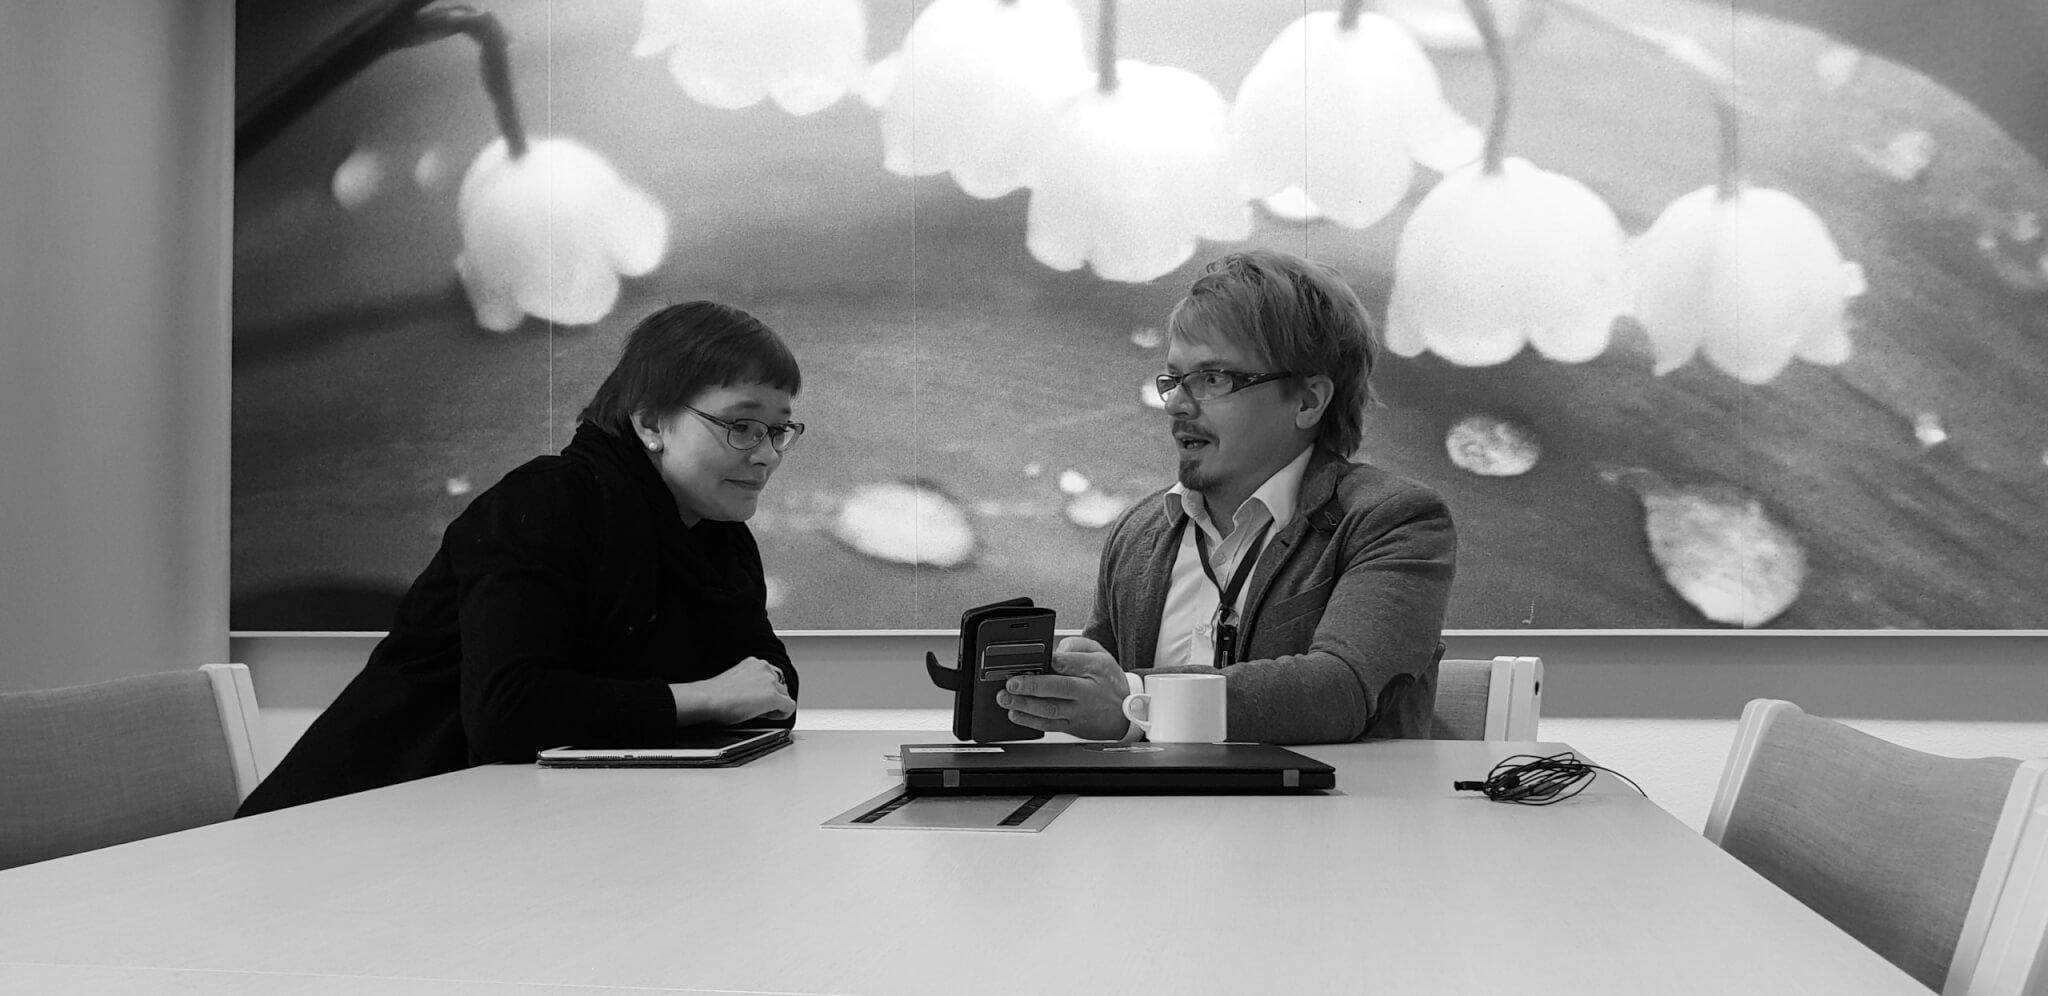 Miia Törmänen ja Risto Lustila aamukahavilla keskustelemassa innovaatiosetelistäMiia Törmänen ja Risto Lustila aamukahavilla keskustelemassa innovaatiosetelistä